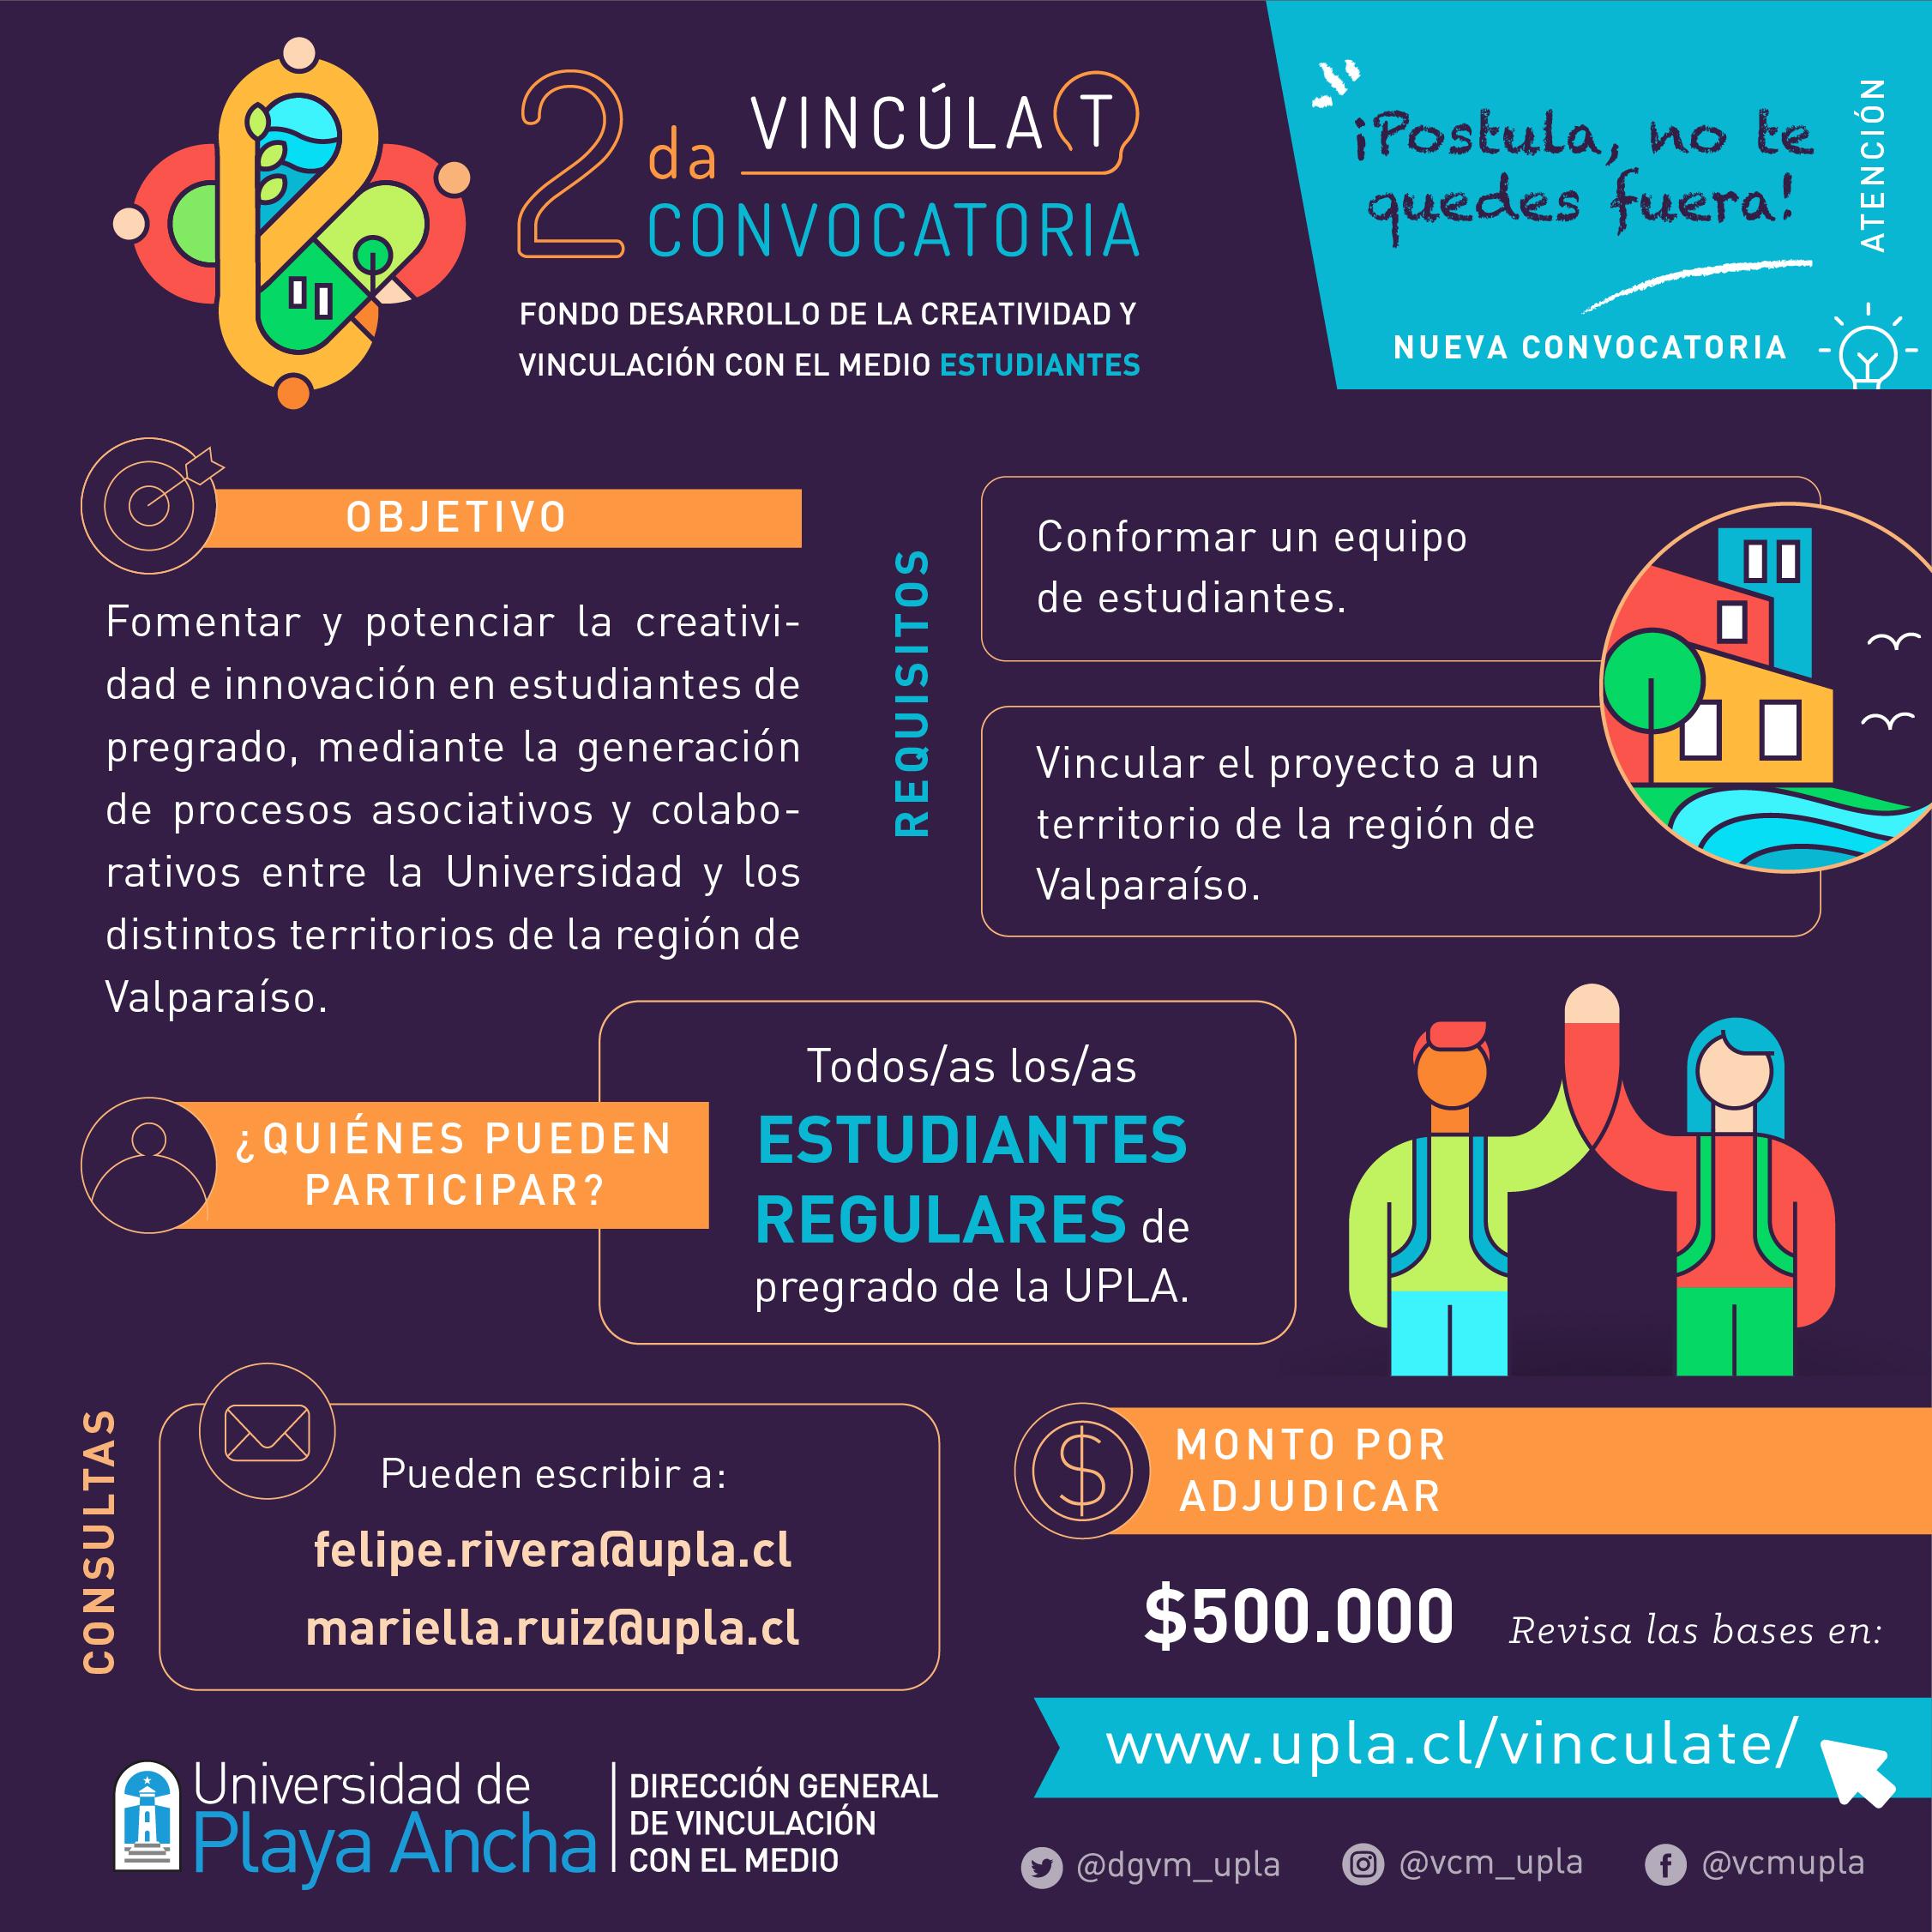 Fondo concursable VcM 2021 - Estudiantes